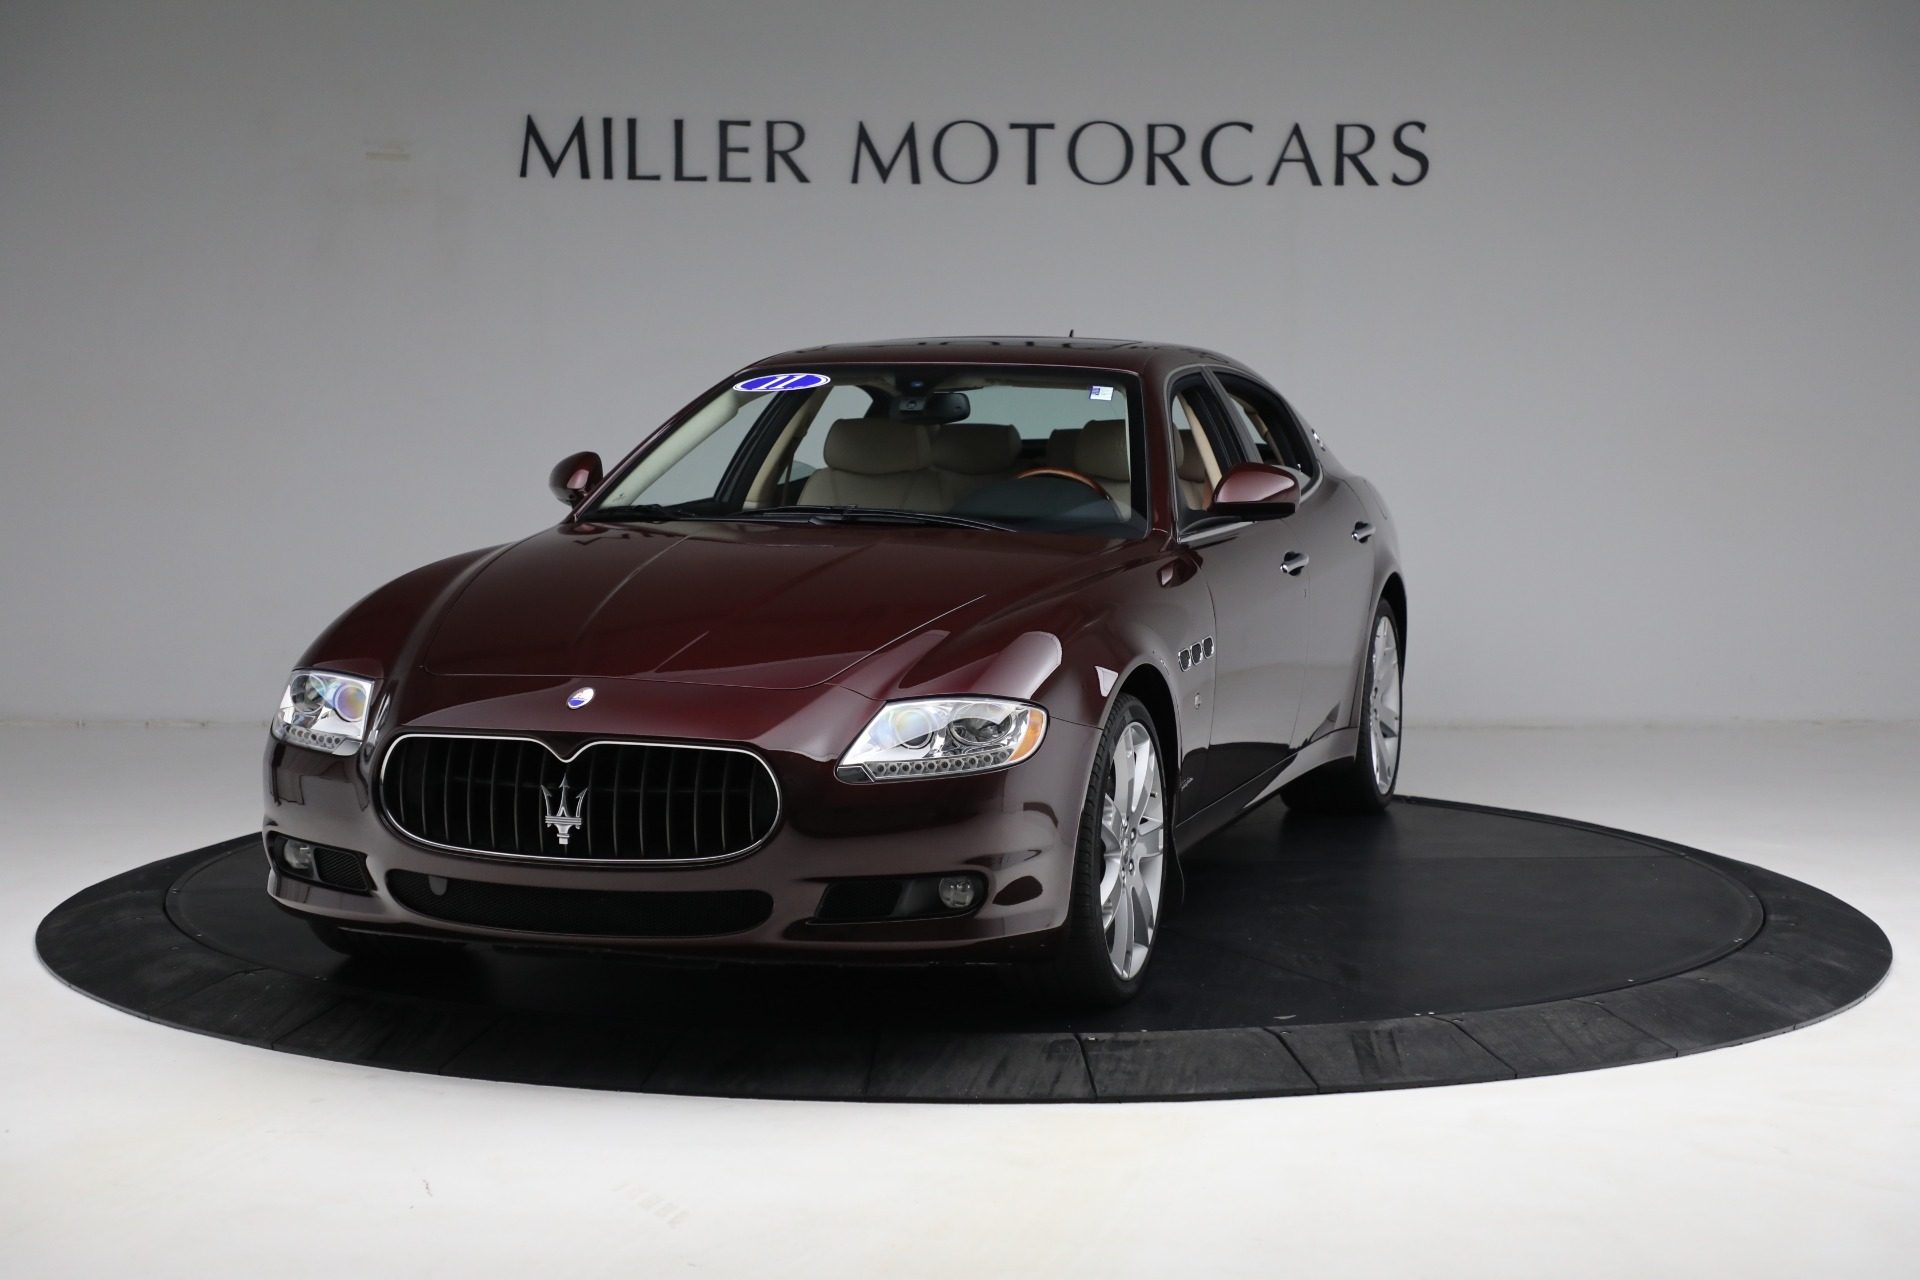 Used 2011 Maserati Quattroporte for sale Sold at Alfa Romeo of Greenwich in Greenwich CT 06830 1